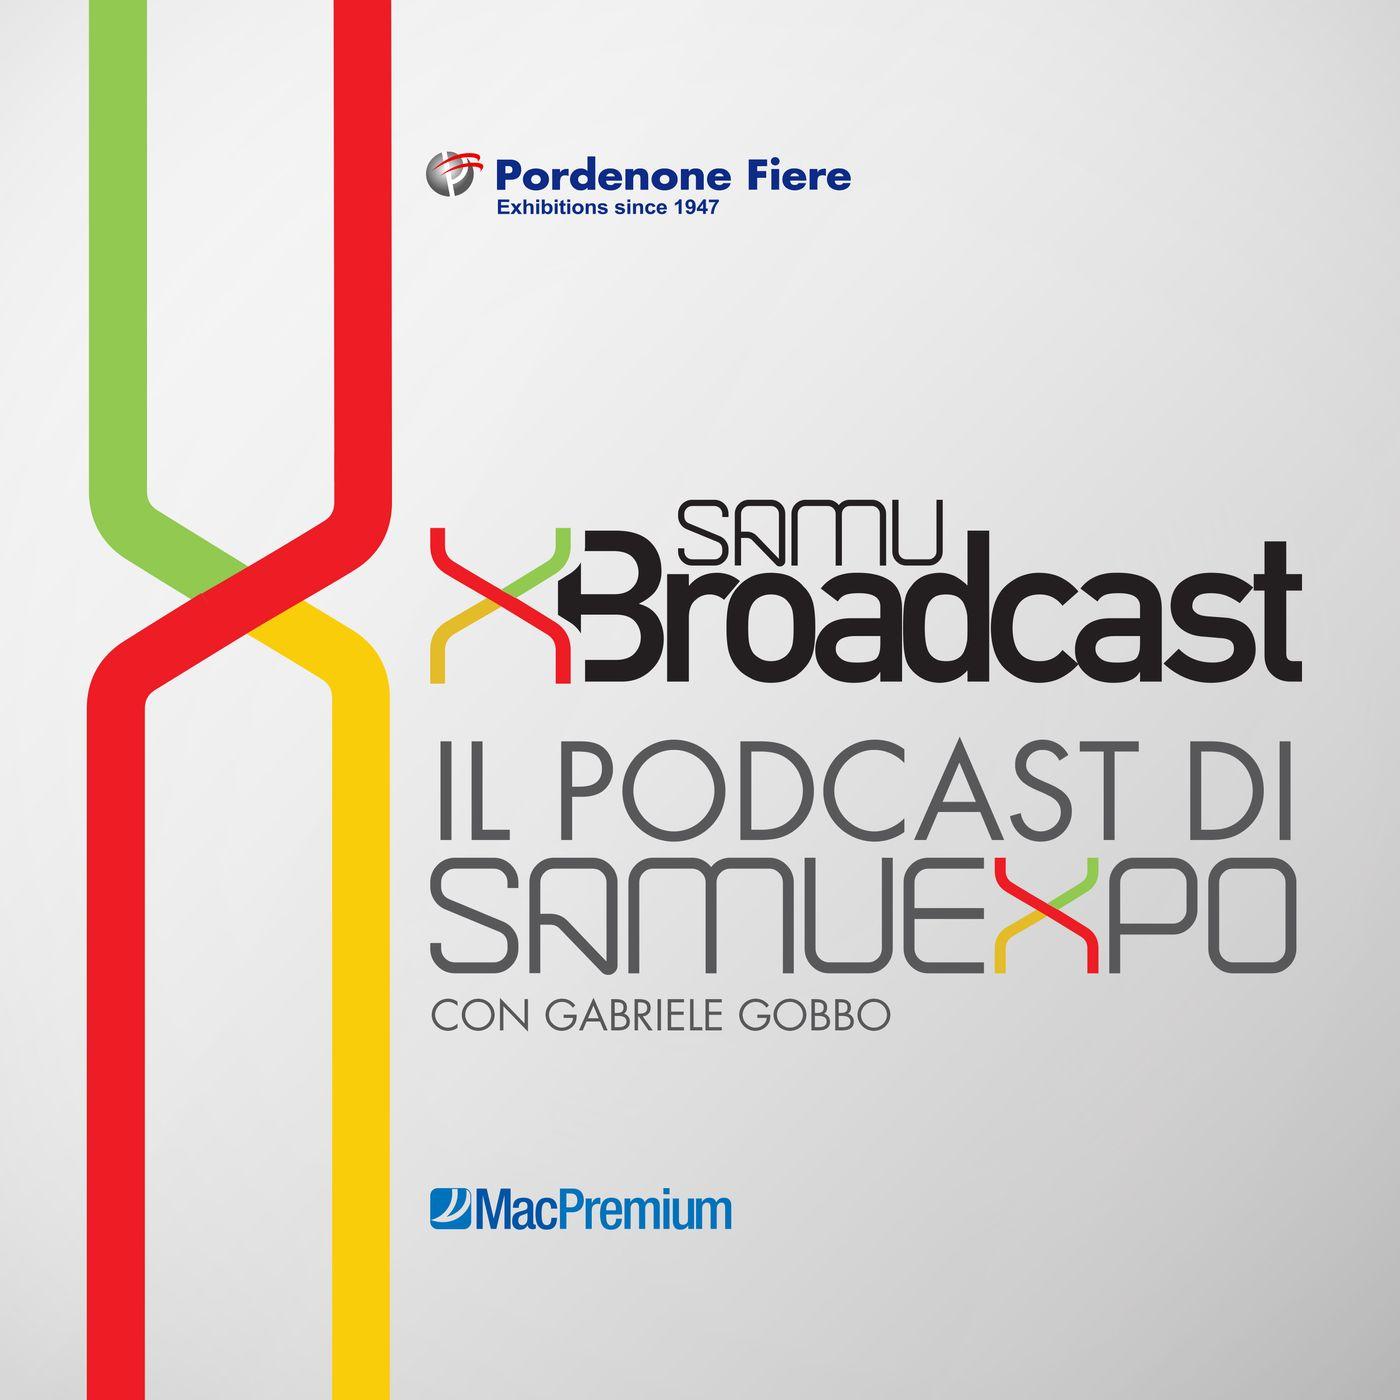 S/01 2020 - Informazioni su SamuExpo 2020